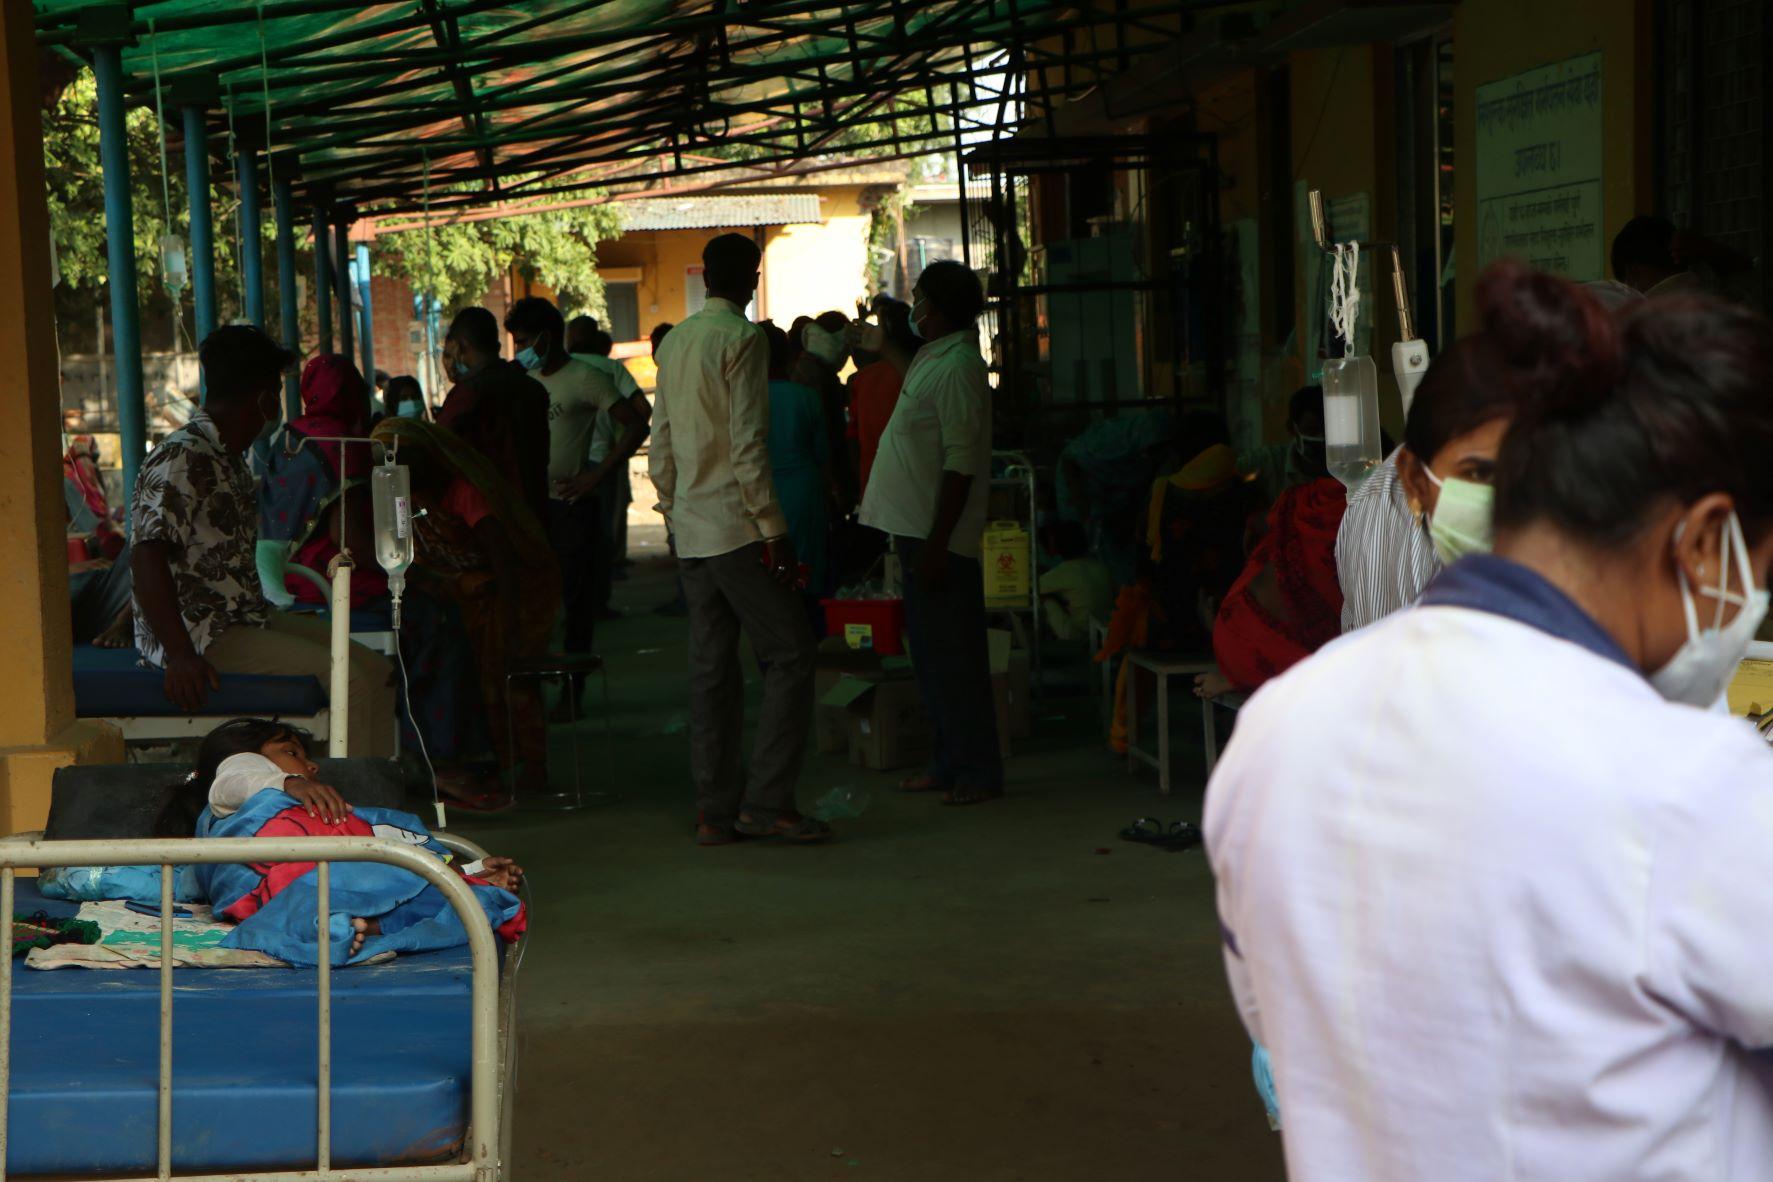 कृष्णनगरमा फैलिएको झाडापखाला की हैजा ? १० दिनसम्म आएन दिसा परीक्षणको रिपोर्ट